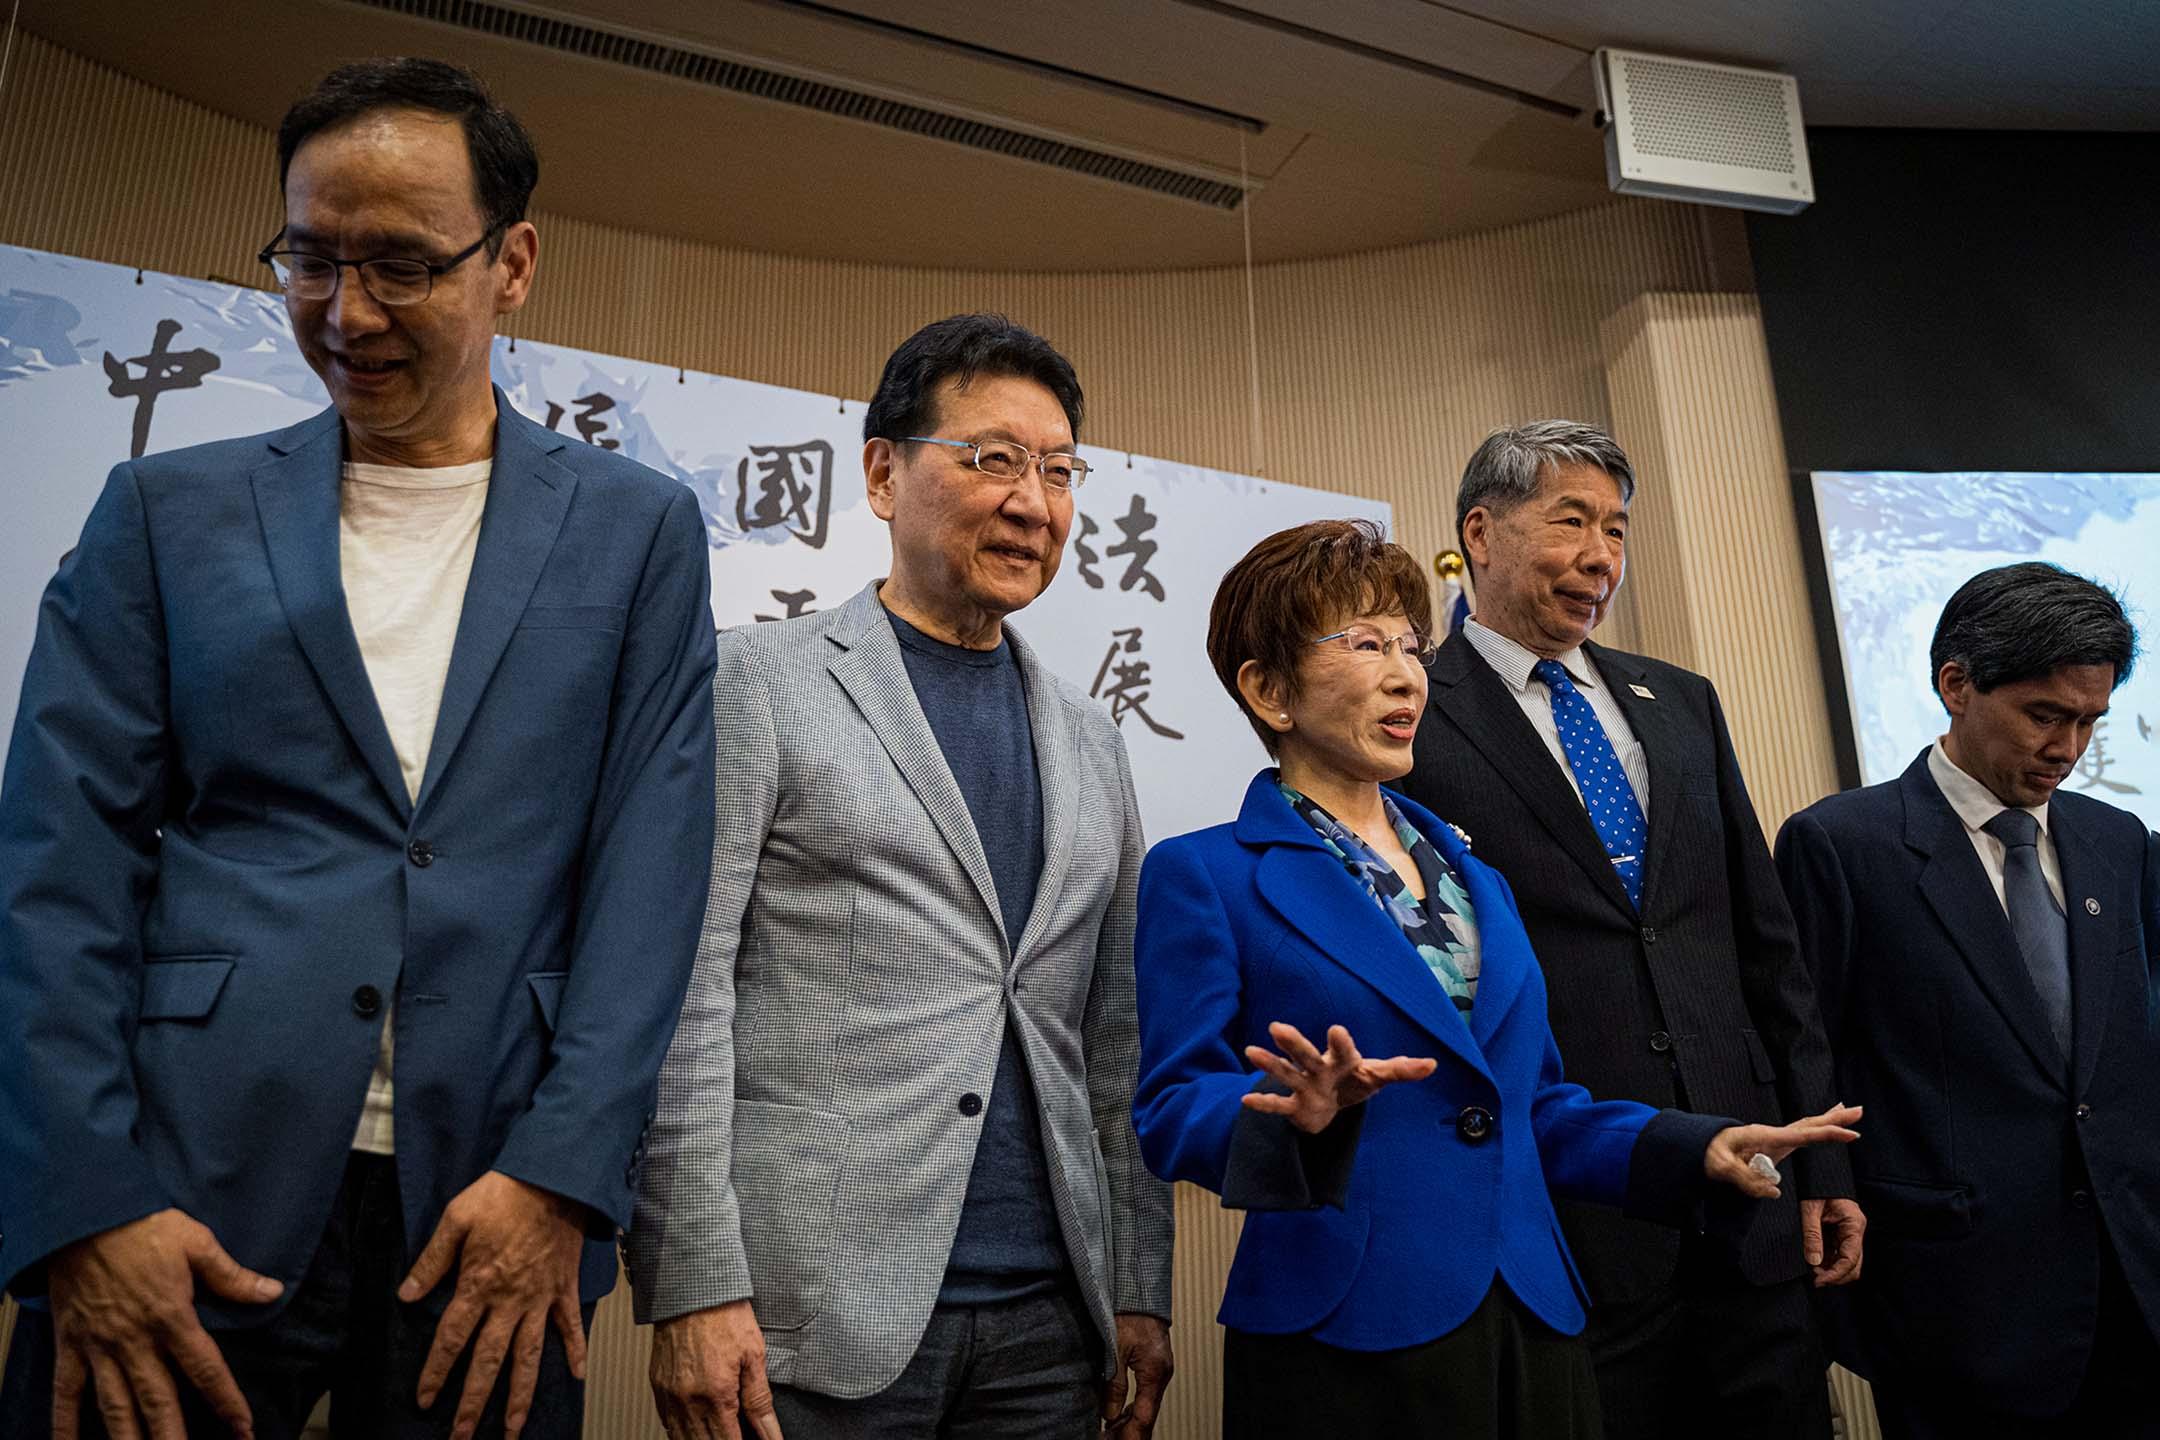 2021年3月27日台北,(左起)朱立倫、趙少康、洪秀柱、張亞中、左正東出席護憲保台論壇。 攝:唐佐欣/端傳媒